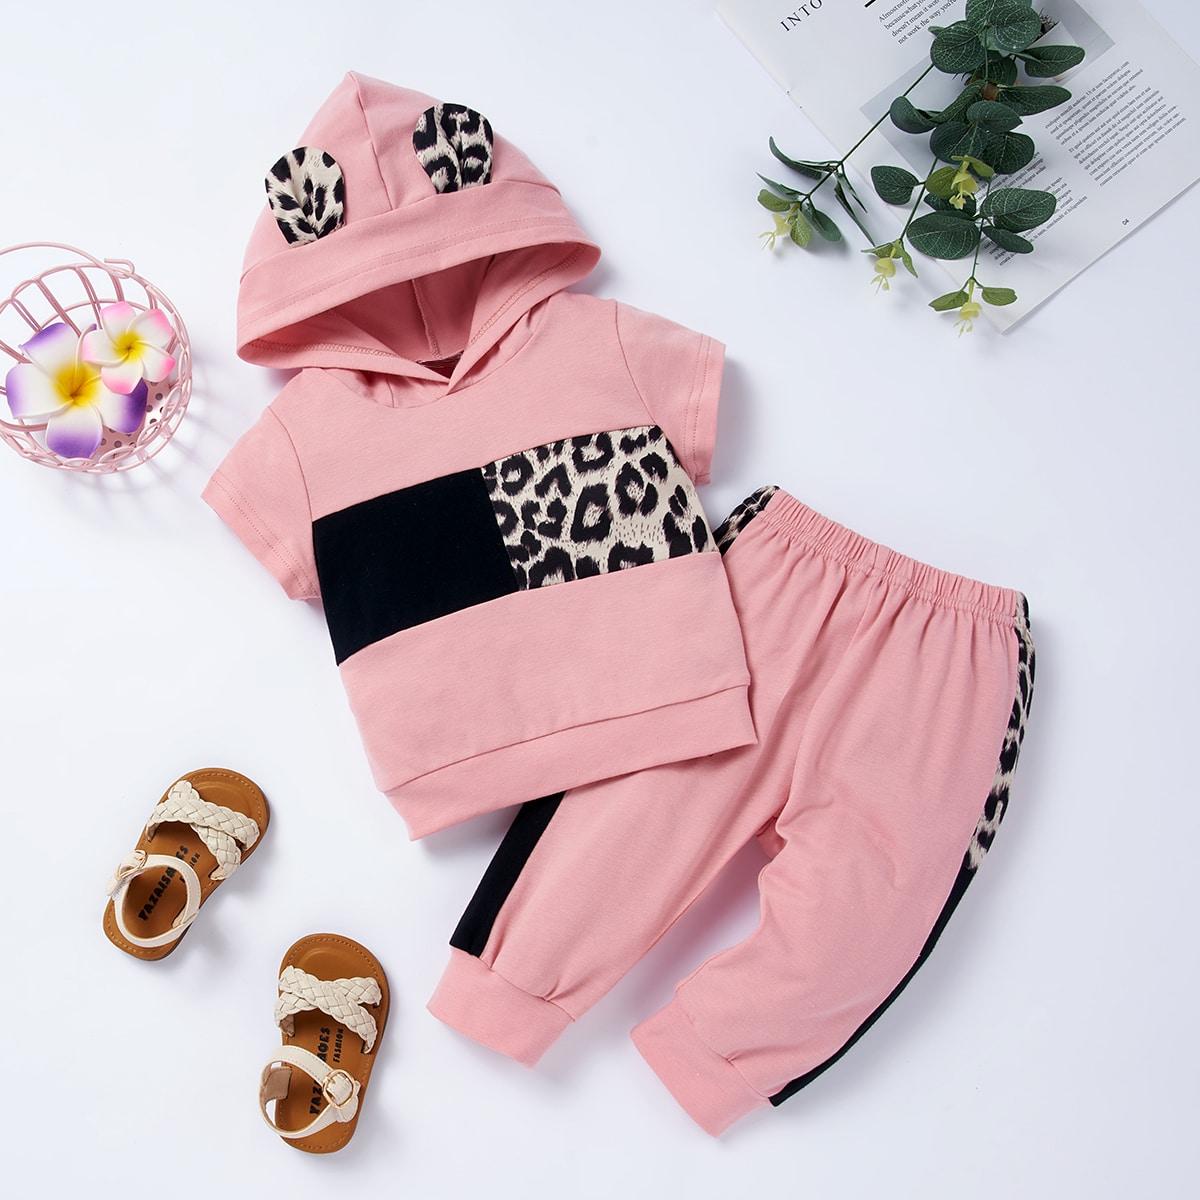 SHEIN Schattig Luipaard Baby-setjes Patched